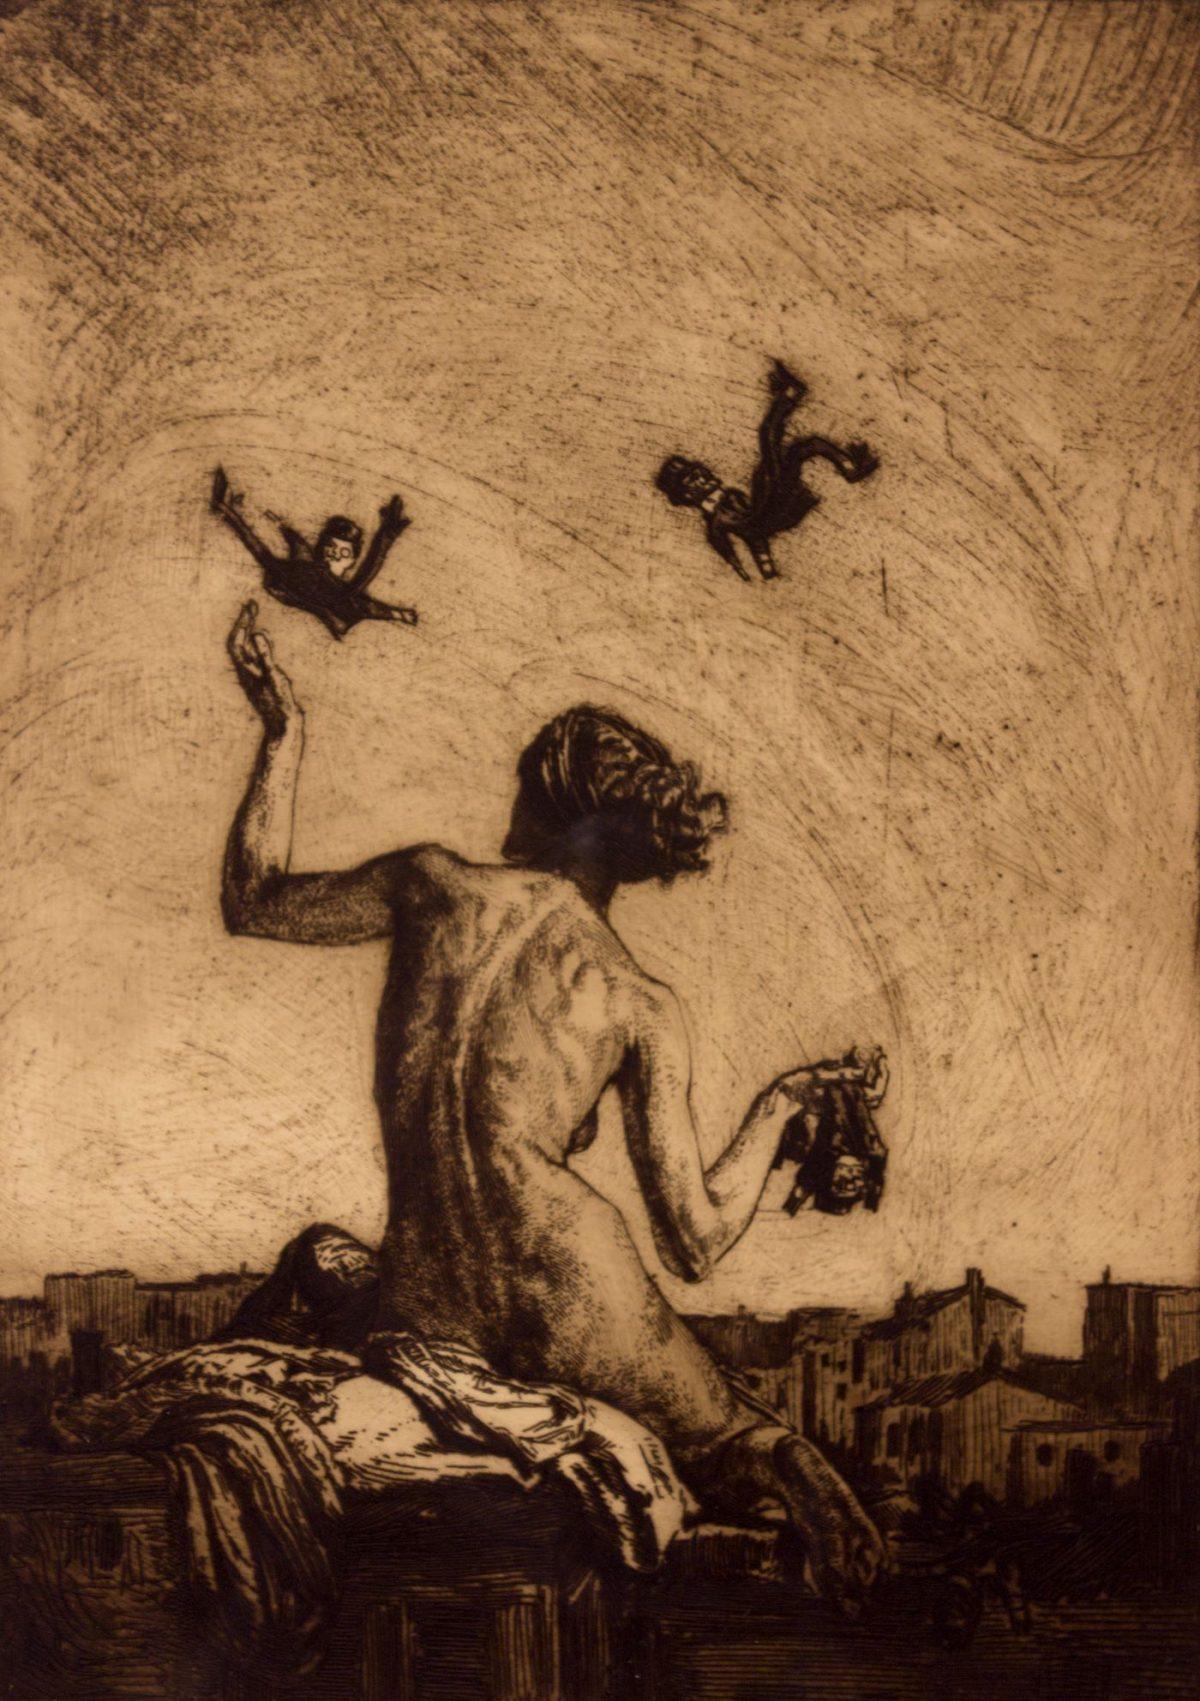 012 MARCEL ROUX 1200x1701 - Дьявольщина, достойная современных хорроров: картины Марселя Ру (1878-1922)